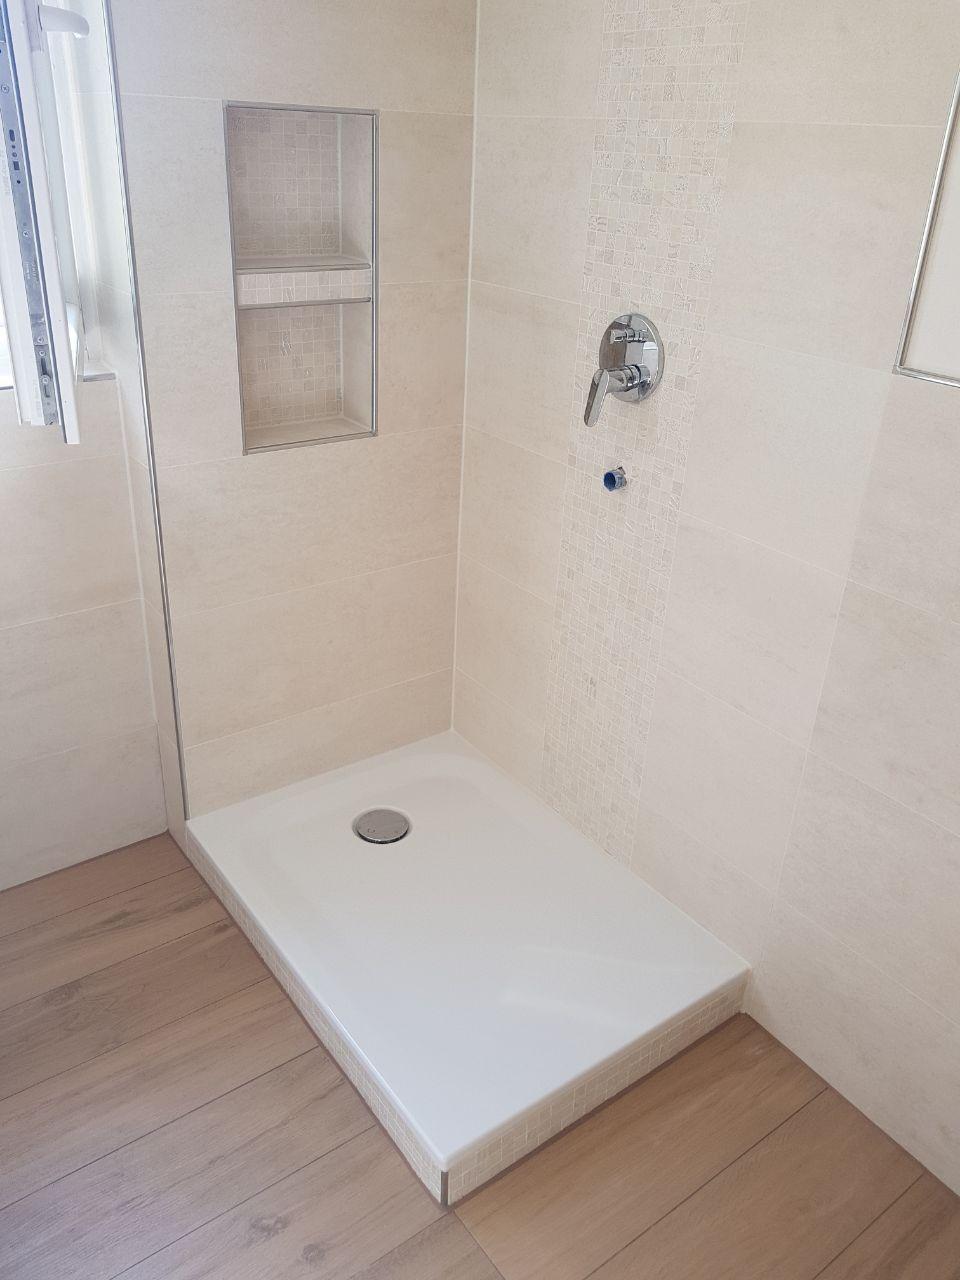 gestaltung der dusche mit mosaik und fliesen sowie einbau. Black Bedroom Furniture Sets. Home Design Ideas